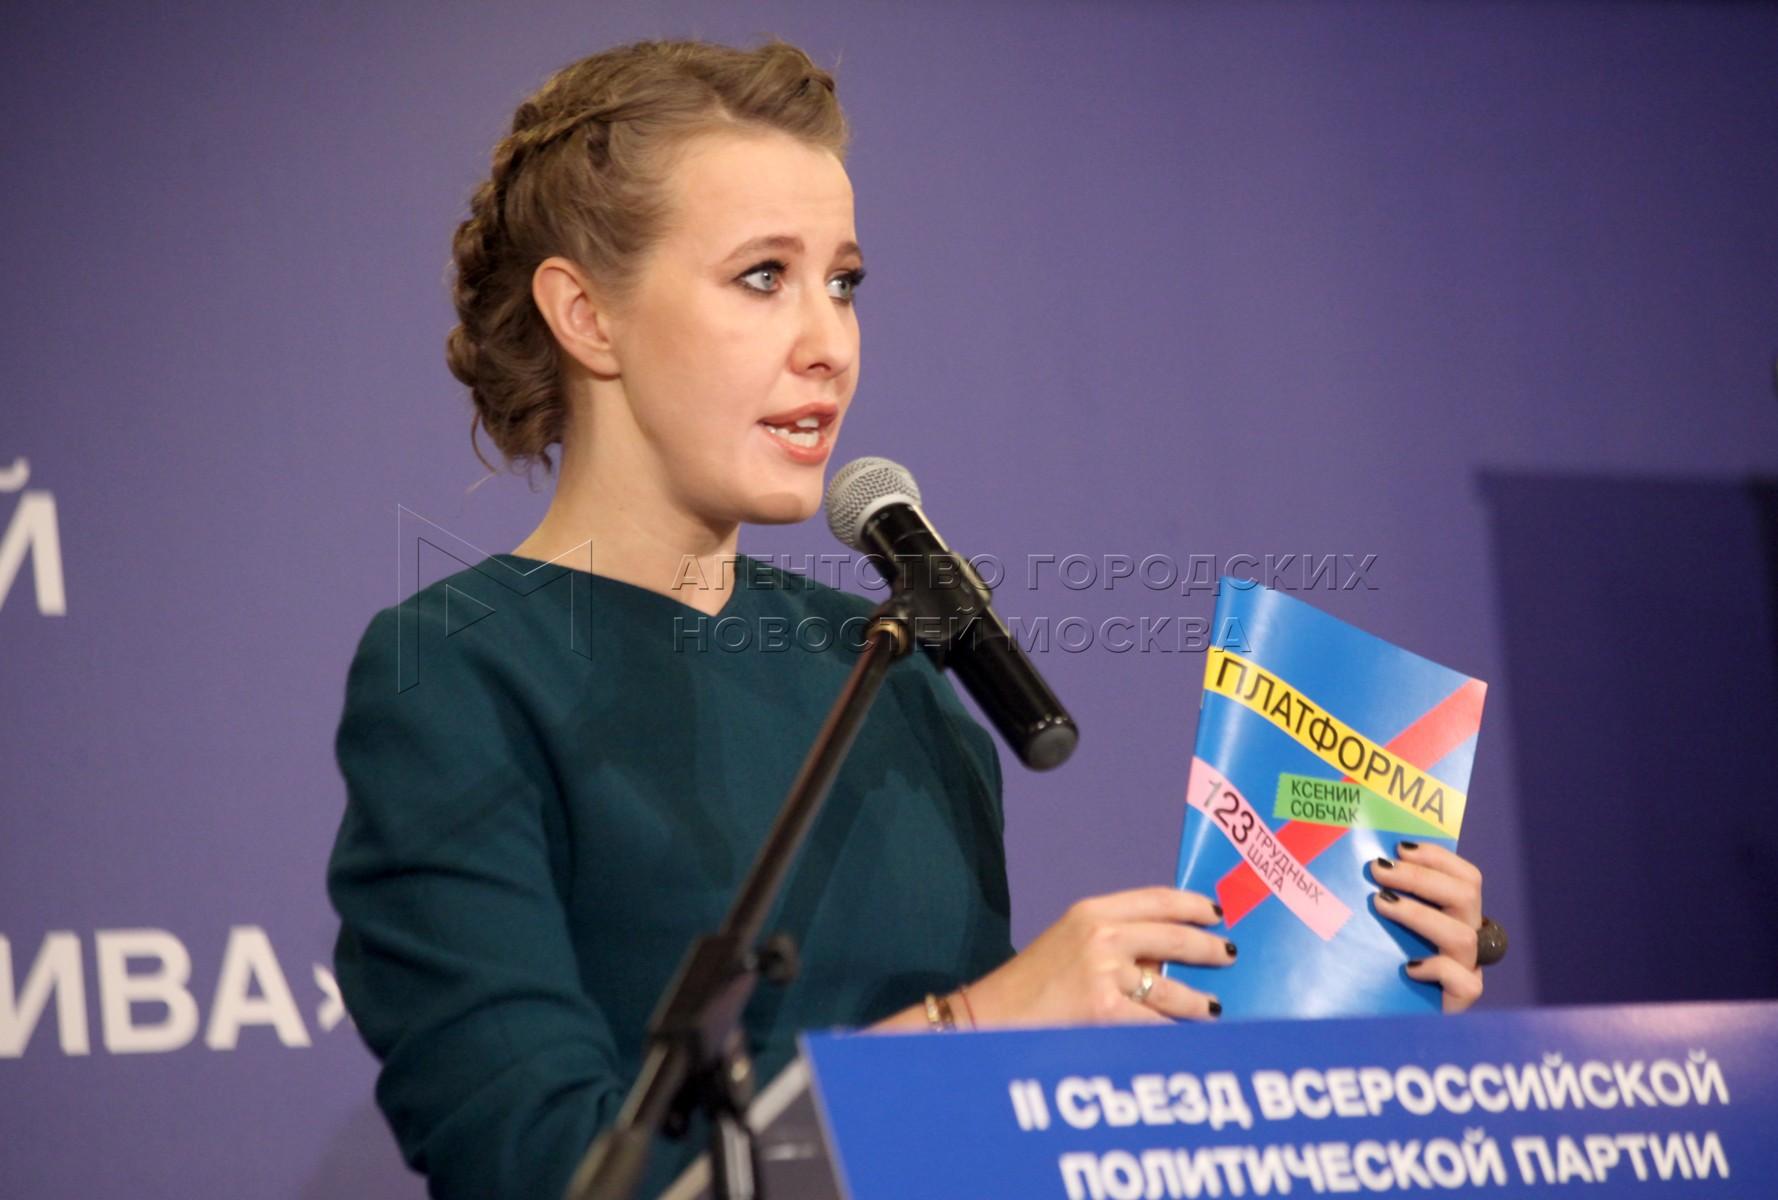 Телеведущая Ксения Собчак во время съезда партии «Гражданская инициатива» представила свою предвыборную программу в качестве кандидата на выборы президента РФ в 2018 г.